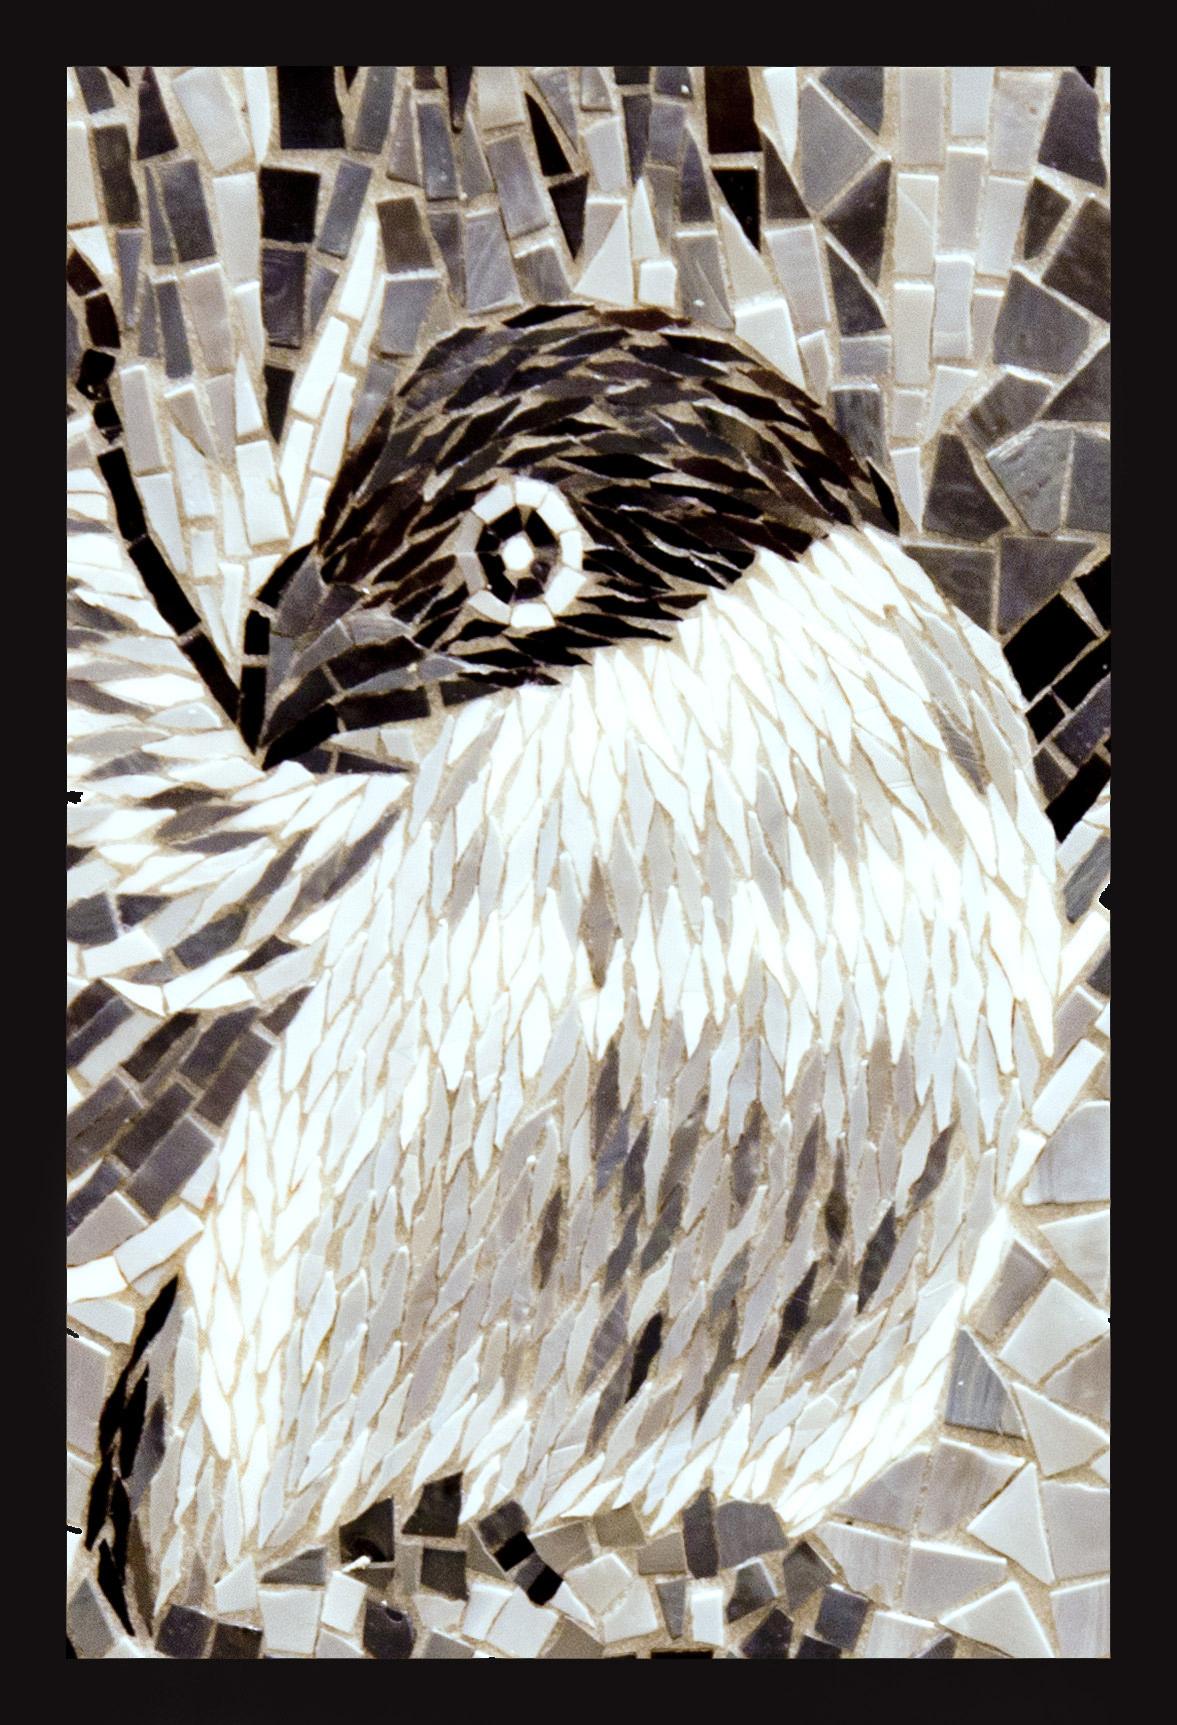 Avian Mural Deep Zoom